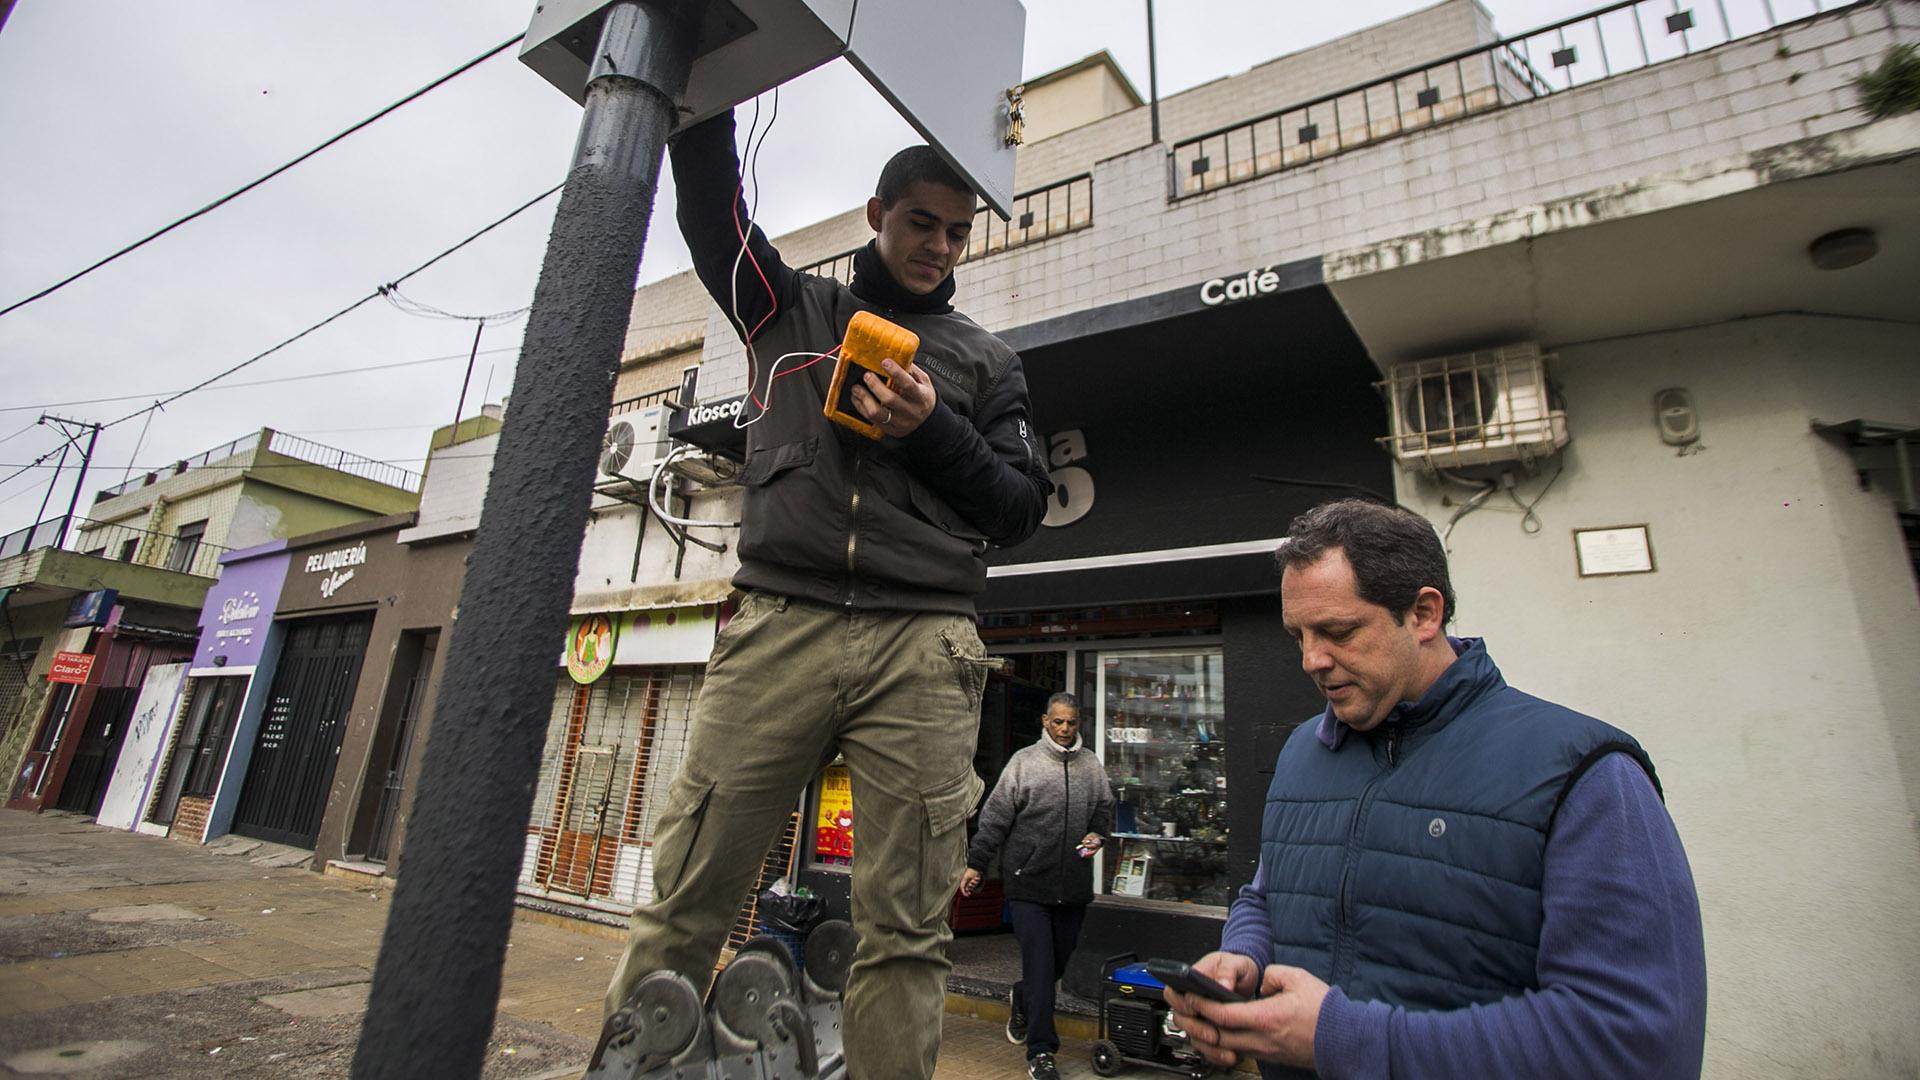 En un principio hubo unos 80.000 damnificados, aunque ahora hay 18.000 usuarios sin energía eléctrica